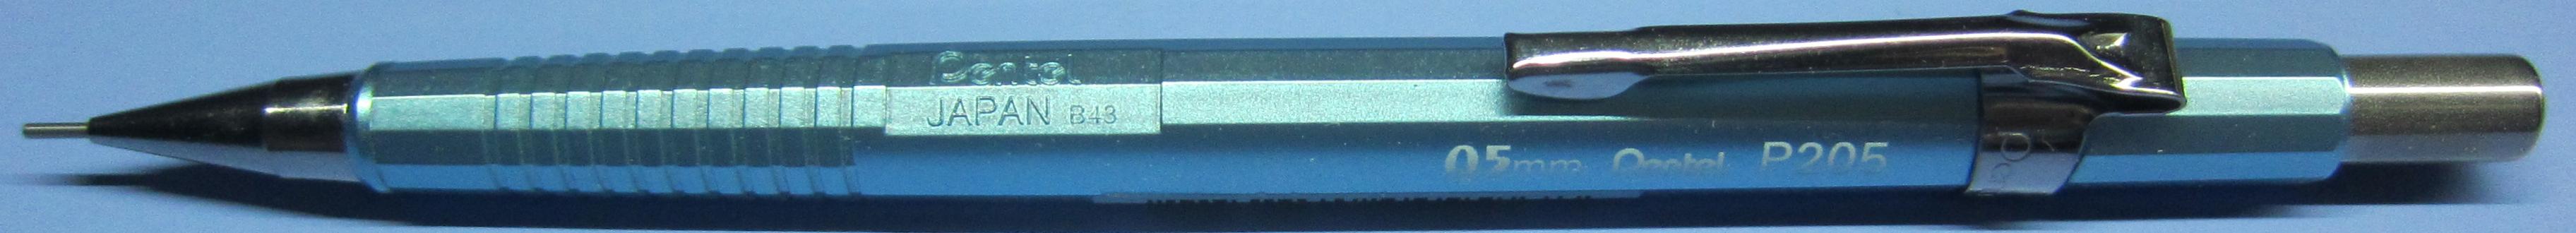 P205M-SX (Gen 6) - 330